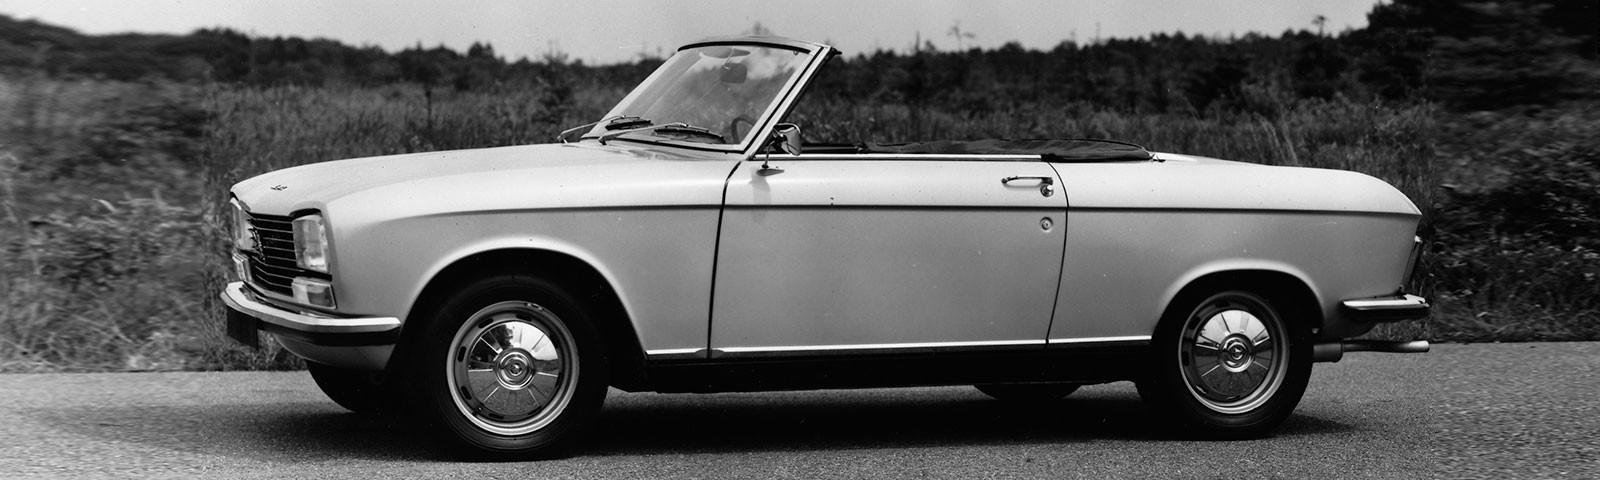 PEUGEOT 304 Cabriolet y Coupé: las versiones lúdicas del antecesor del actual PEUGEOT 308 cumplen 50 años